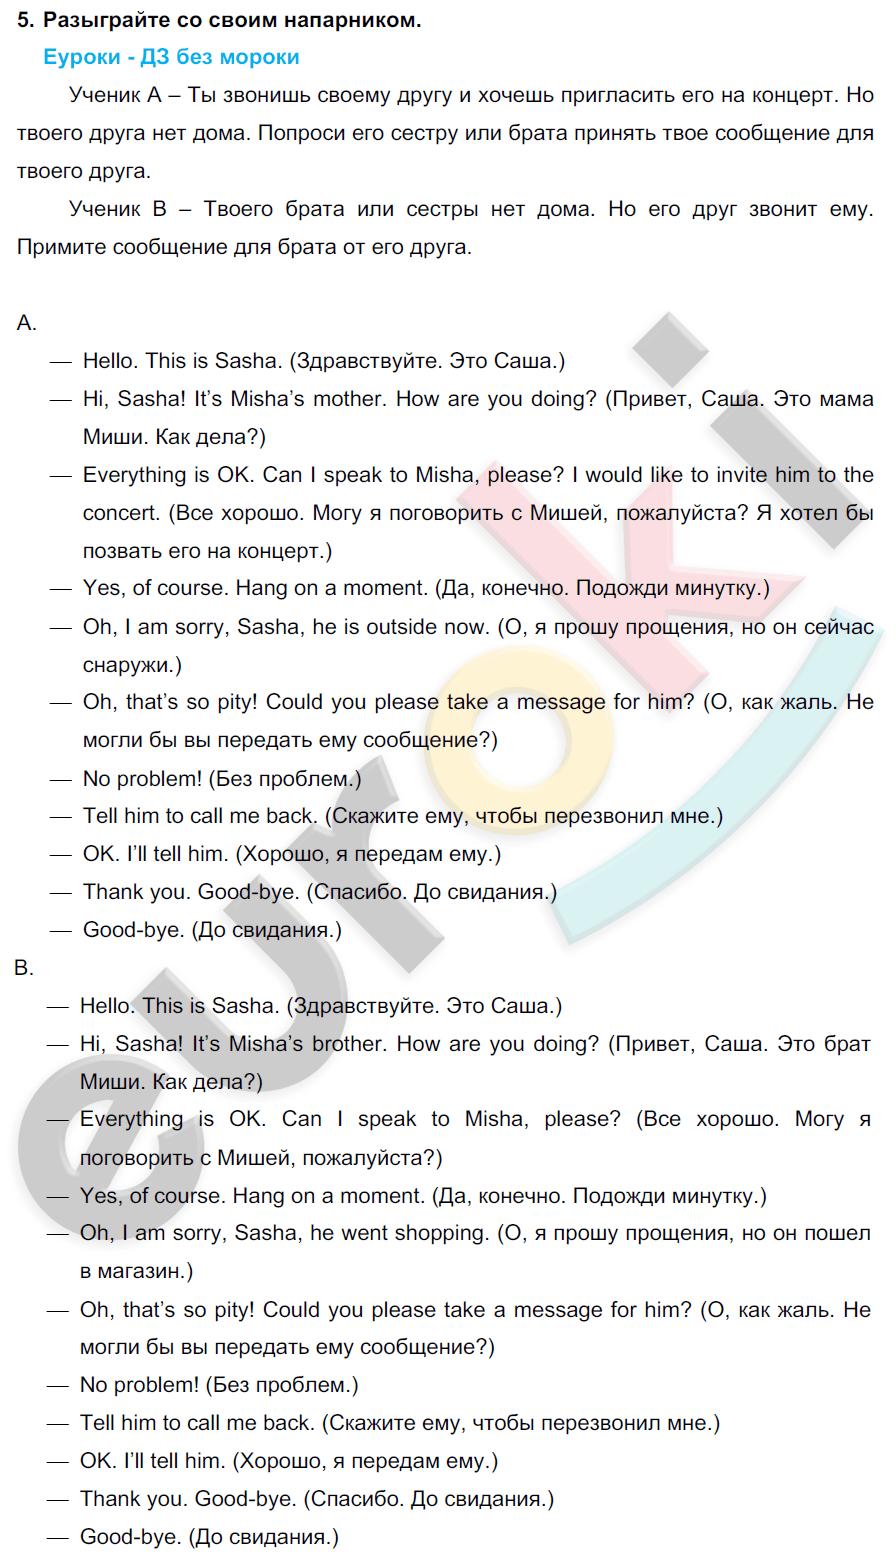 ГДЗ по английскому языку 7 класс Биболетова Юнит 1, Проверка знаний. Задание: 5